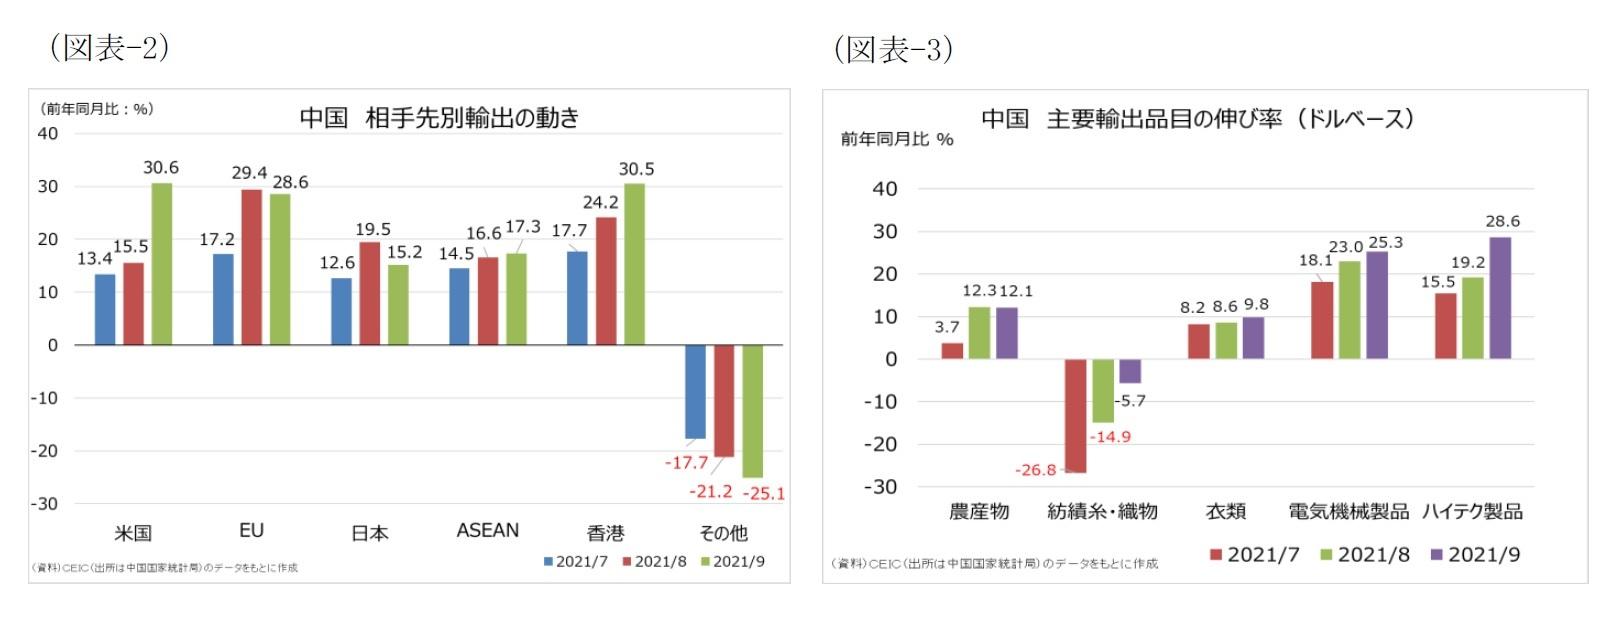 (図表-2)中国 相手先別輸出の動き/(図表-3)中国 主要輸出品目の伸び率(ドルベース)